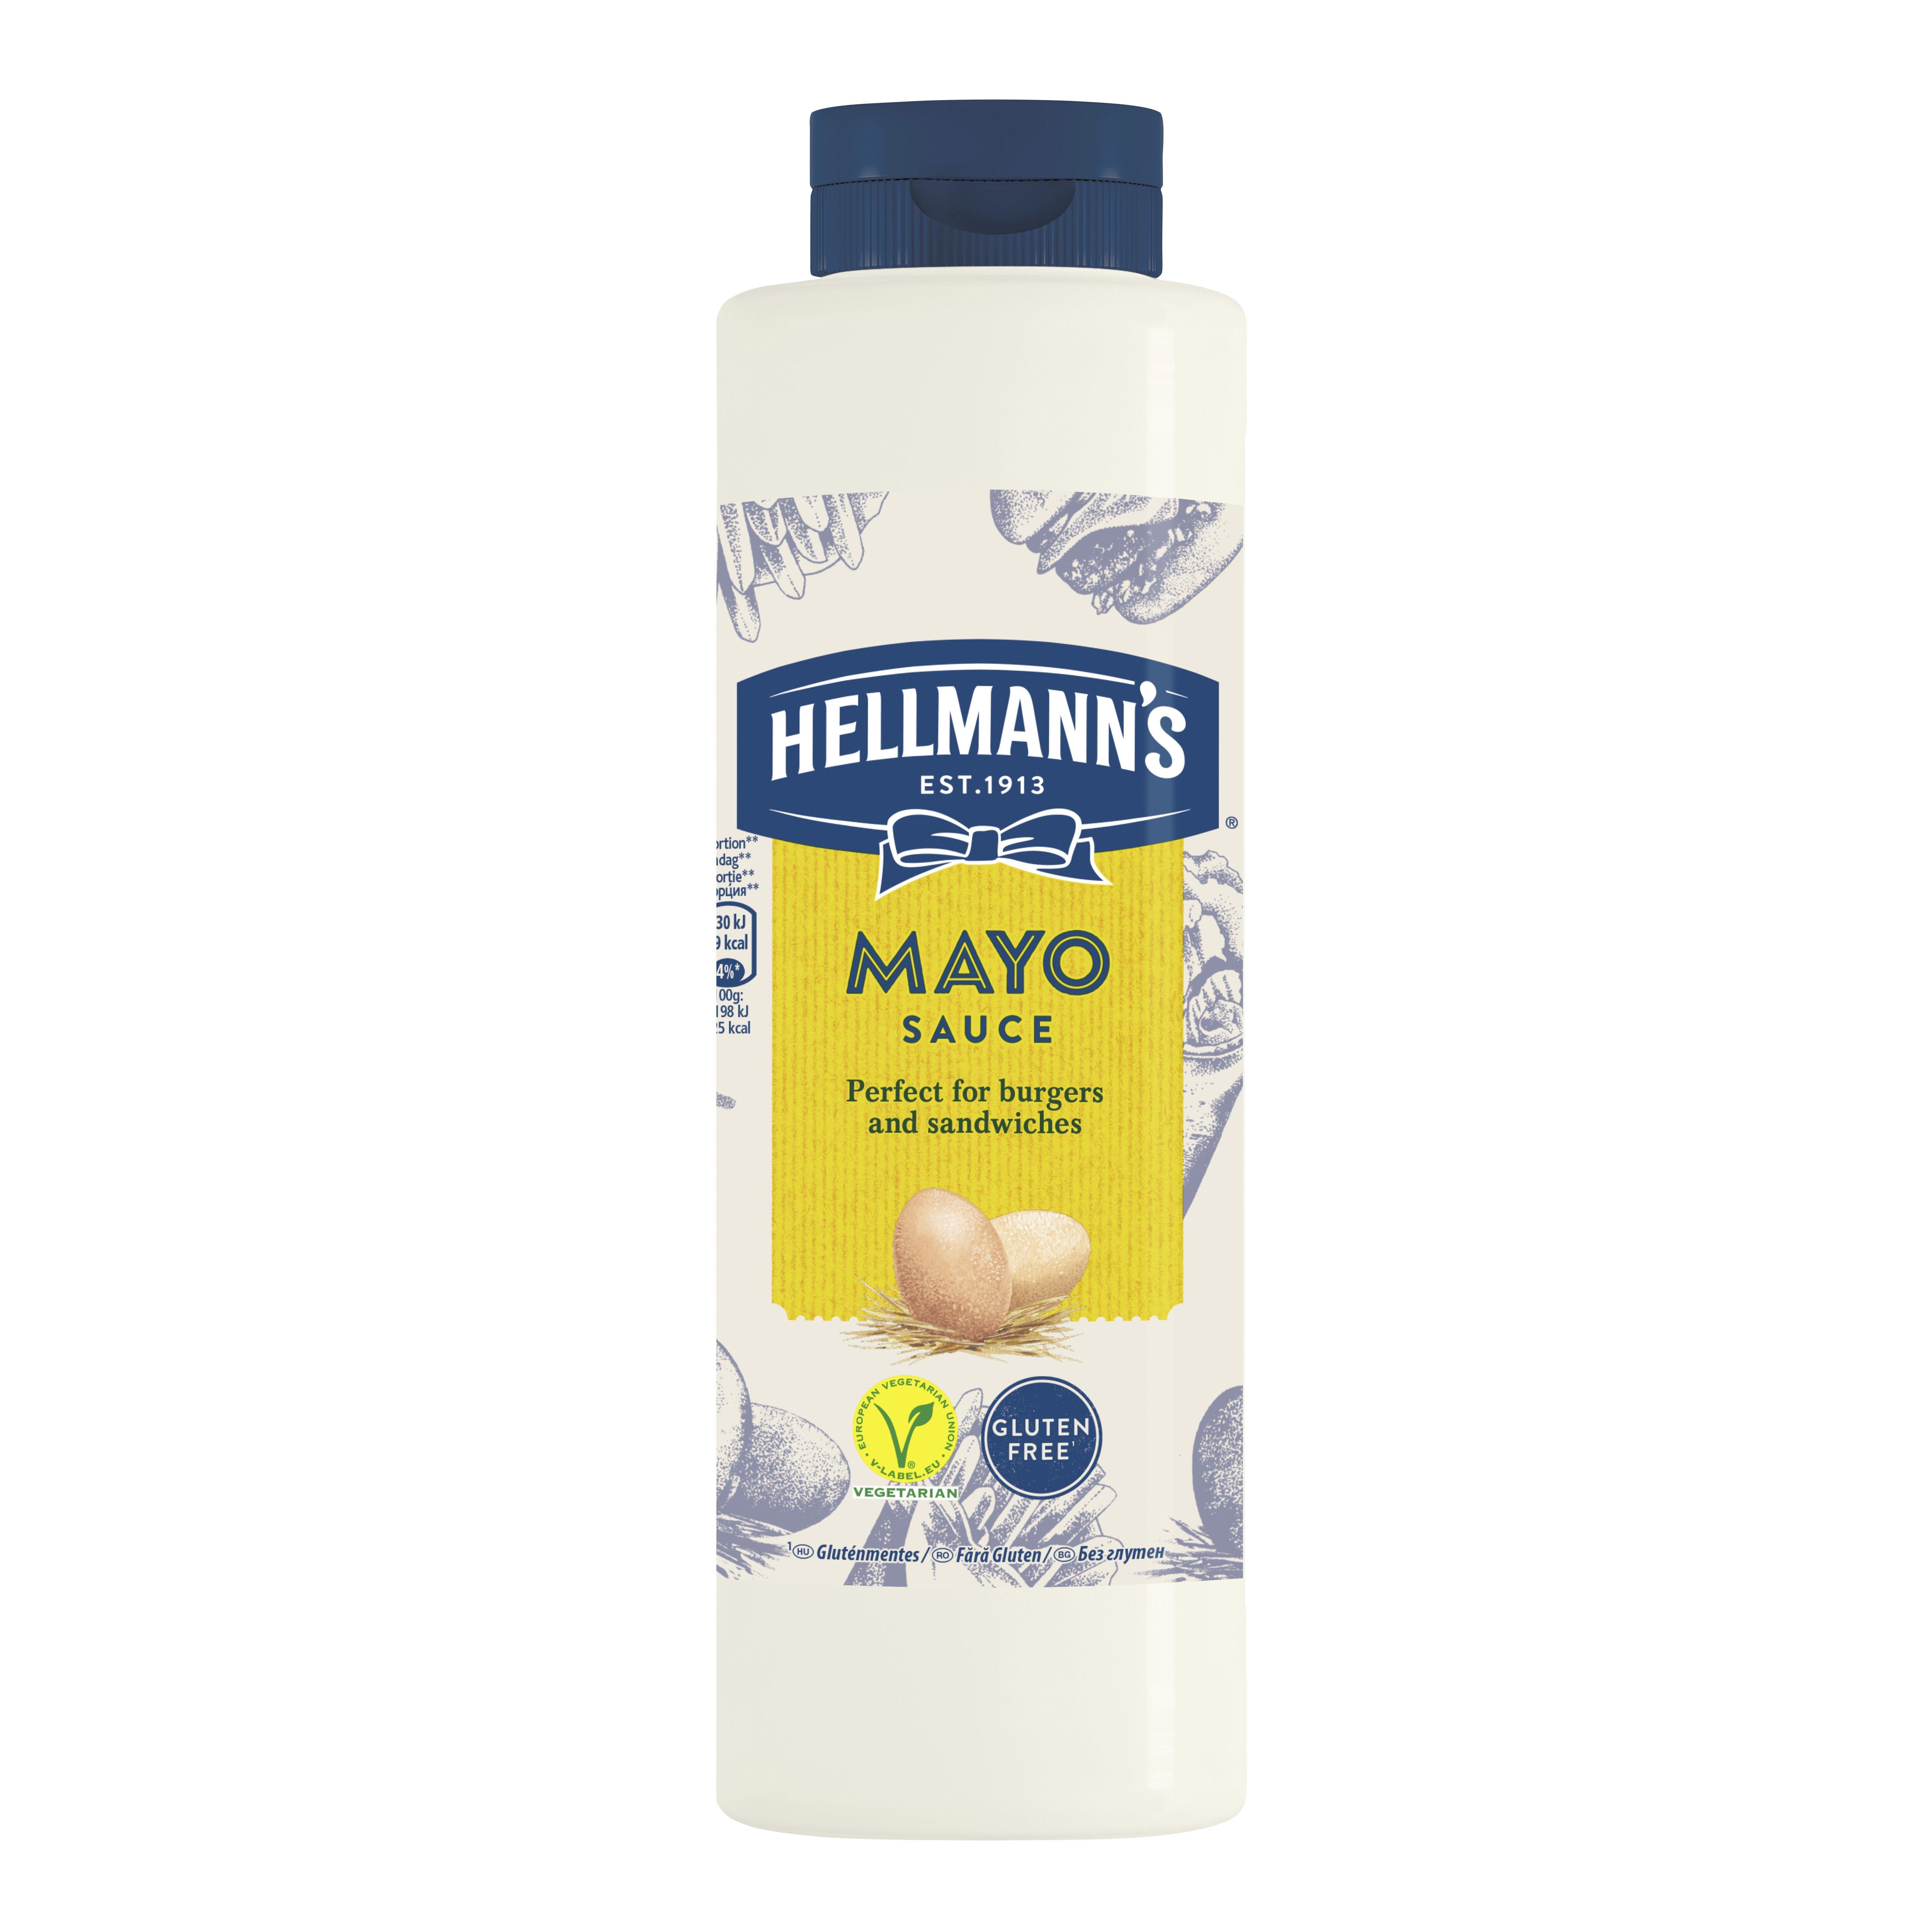 HELLMANN'S Majonézszósz 850ml -  Minőségi márkájú termék felszolgálása pozitív benyomást kelt a vendégekben.